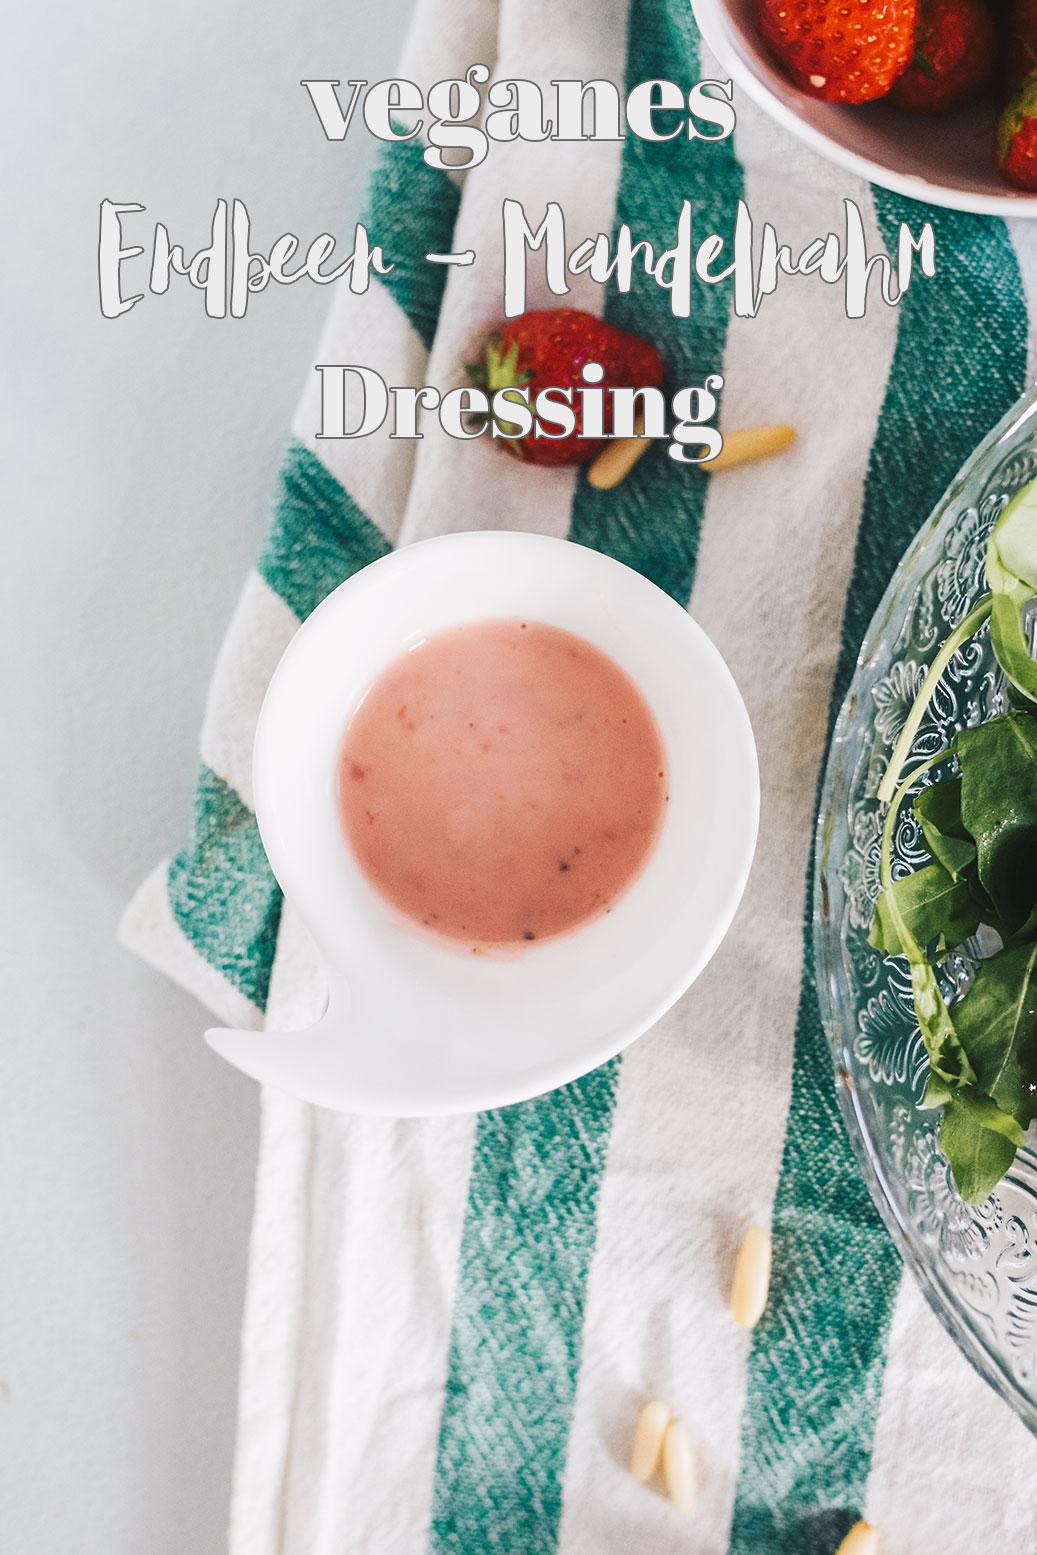 veganes-Erdbeer-Mandelrahm-Dressing